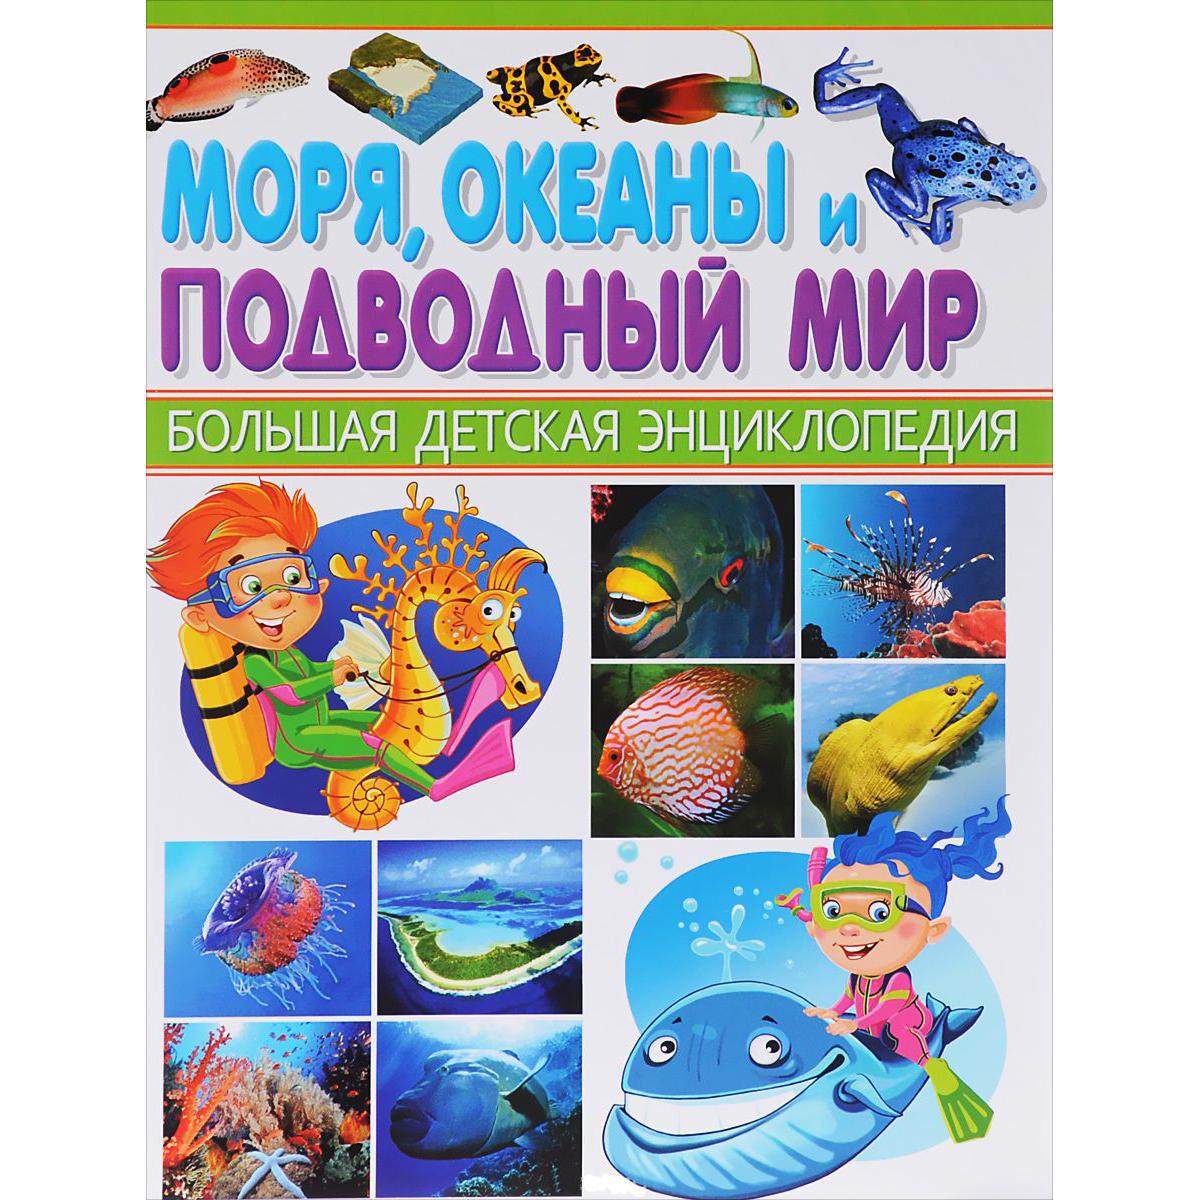 Большая детская энциклопедия - Моря, океаны и подводный мирДля детей старшего возраста<br>Большая детская энциклопедия - Моря, океаны и подводный мир<br>